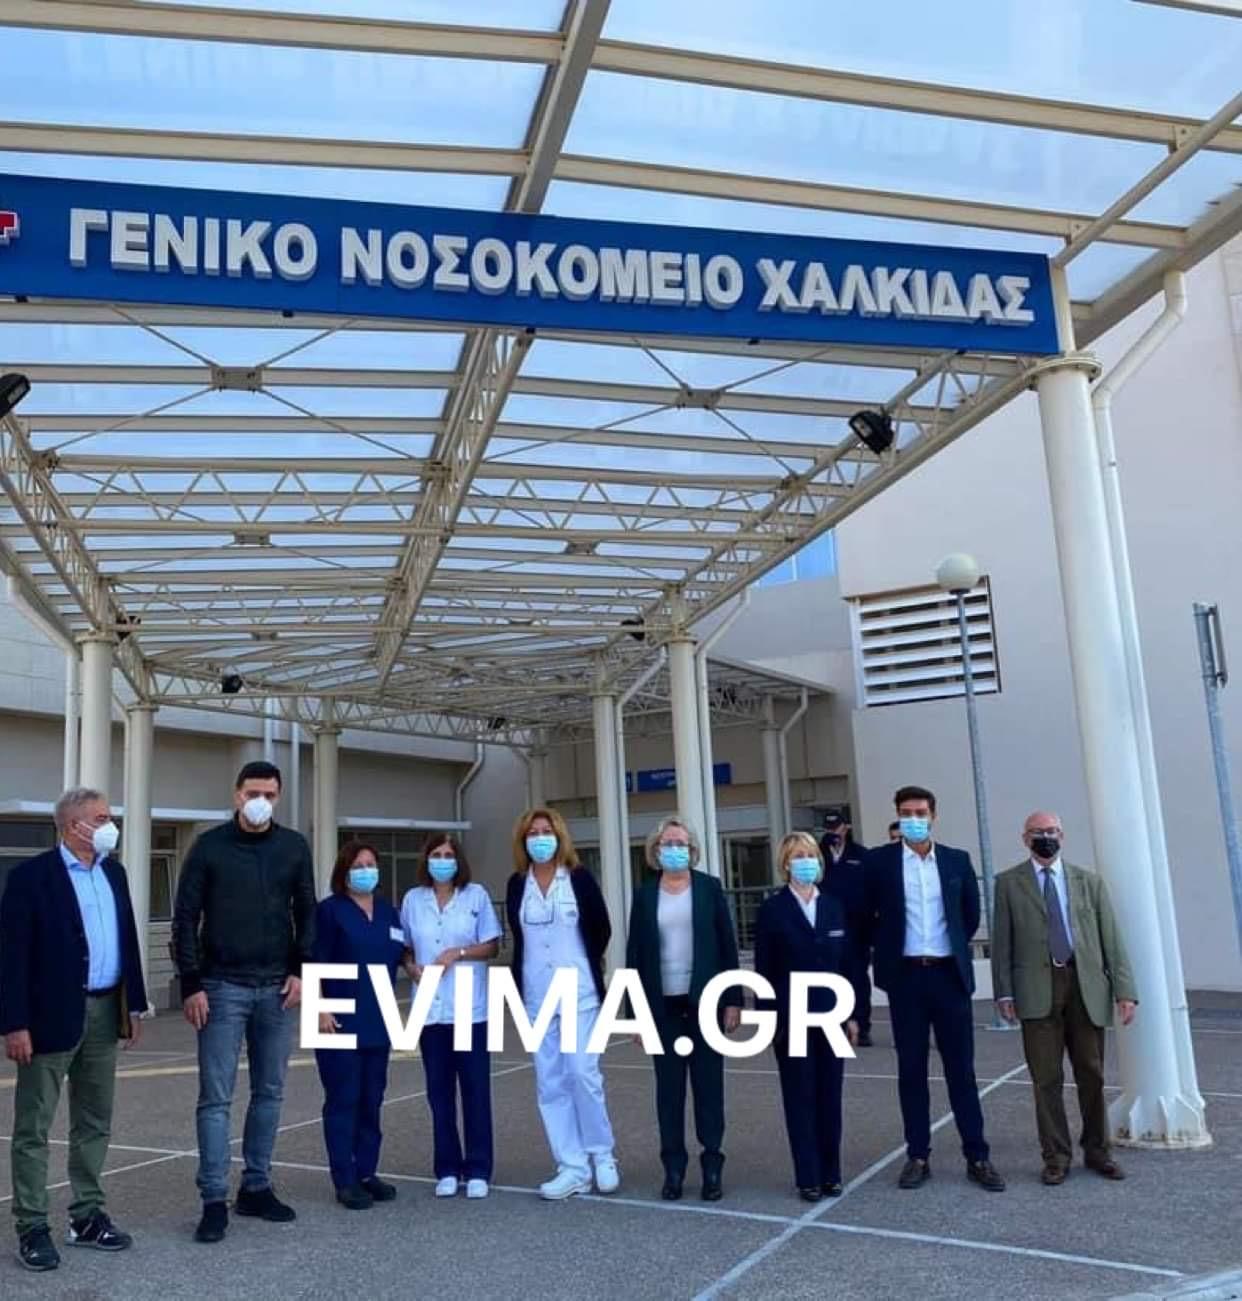 Σύλλογος Εργαζομένων Γ.Ν.Χαλκίδας: Επίσκεψη Κικίλια στο Νοσοκομείο Χαλκίδας, στις 15/11 ….ένα ''επικοινωνιακό φιάσκο''